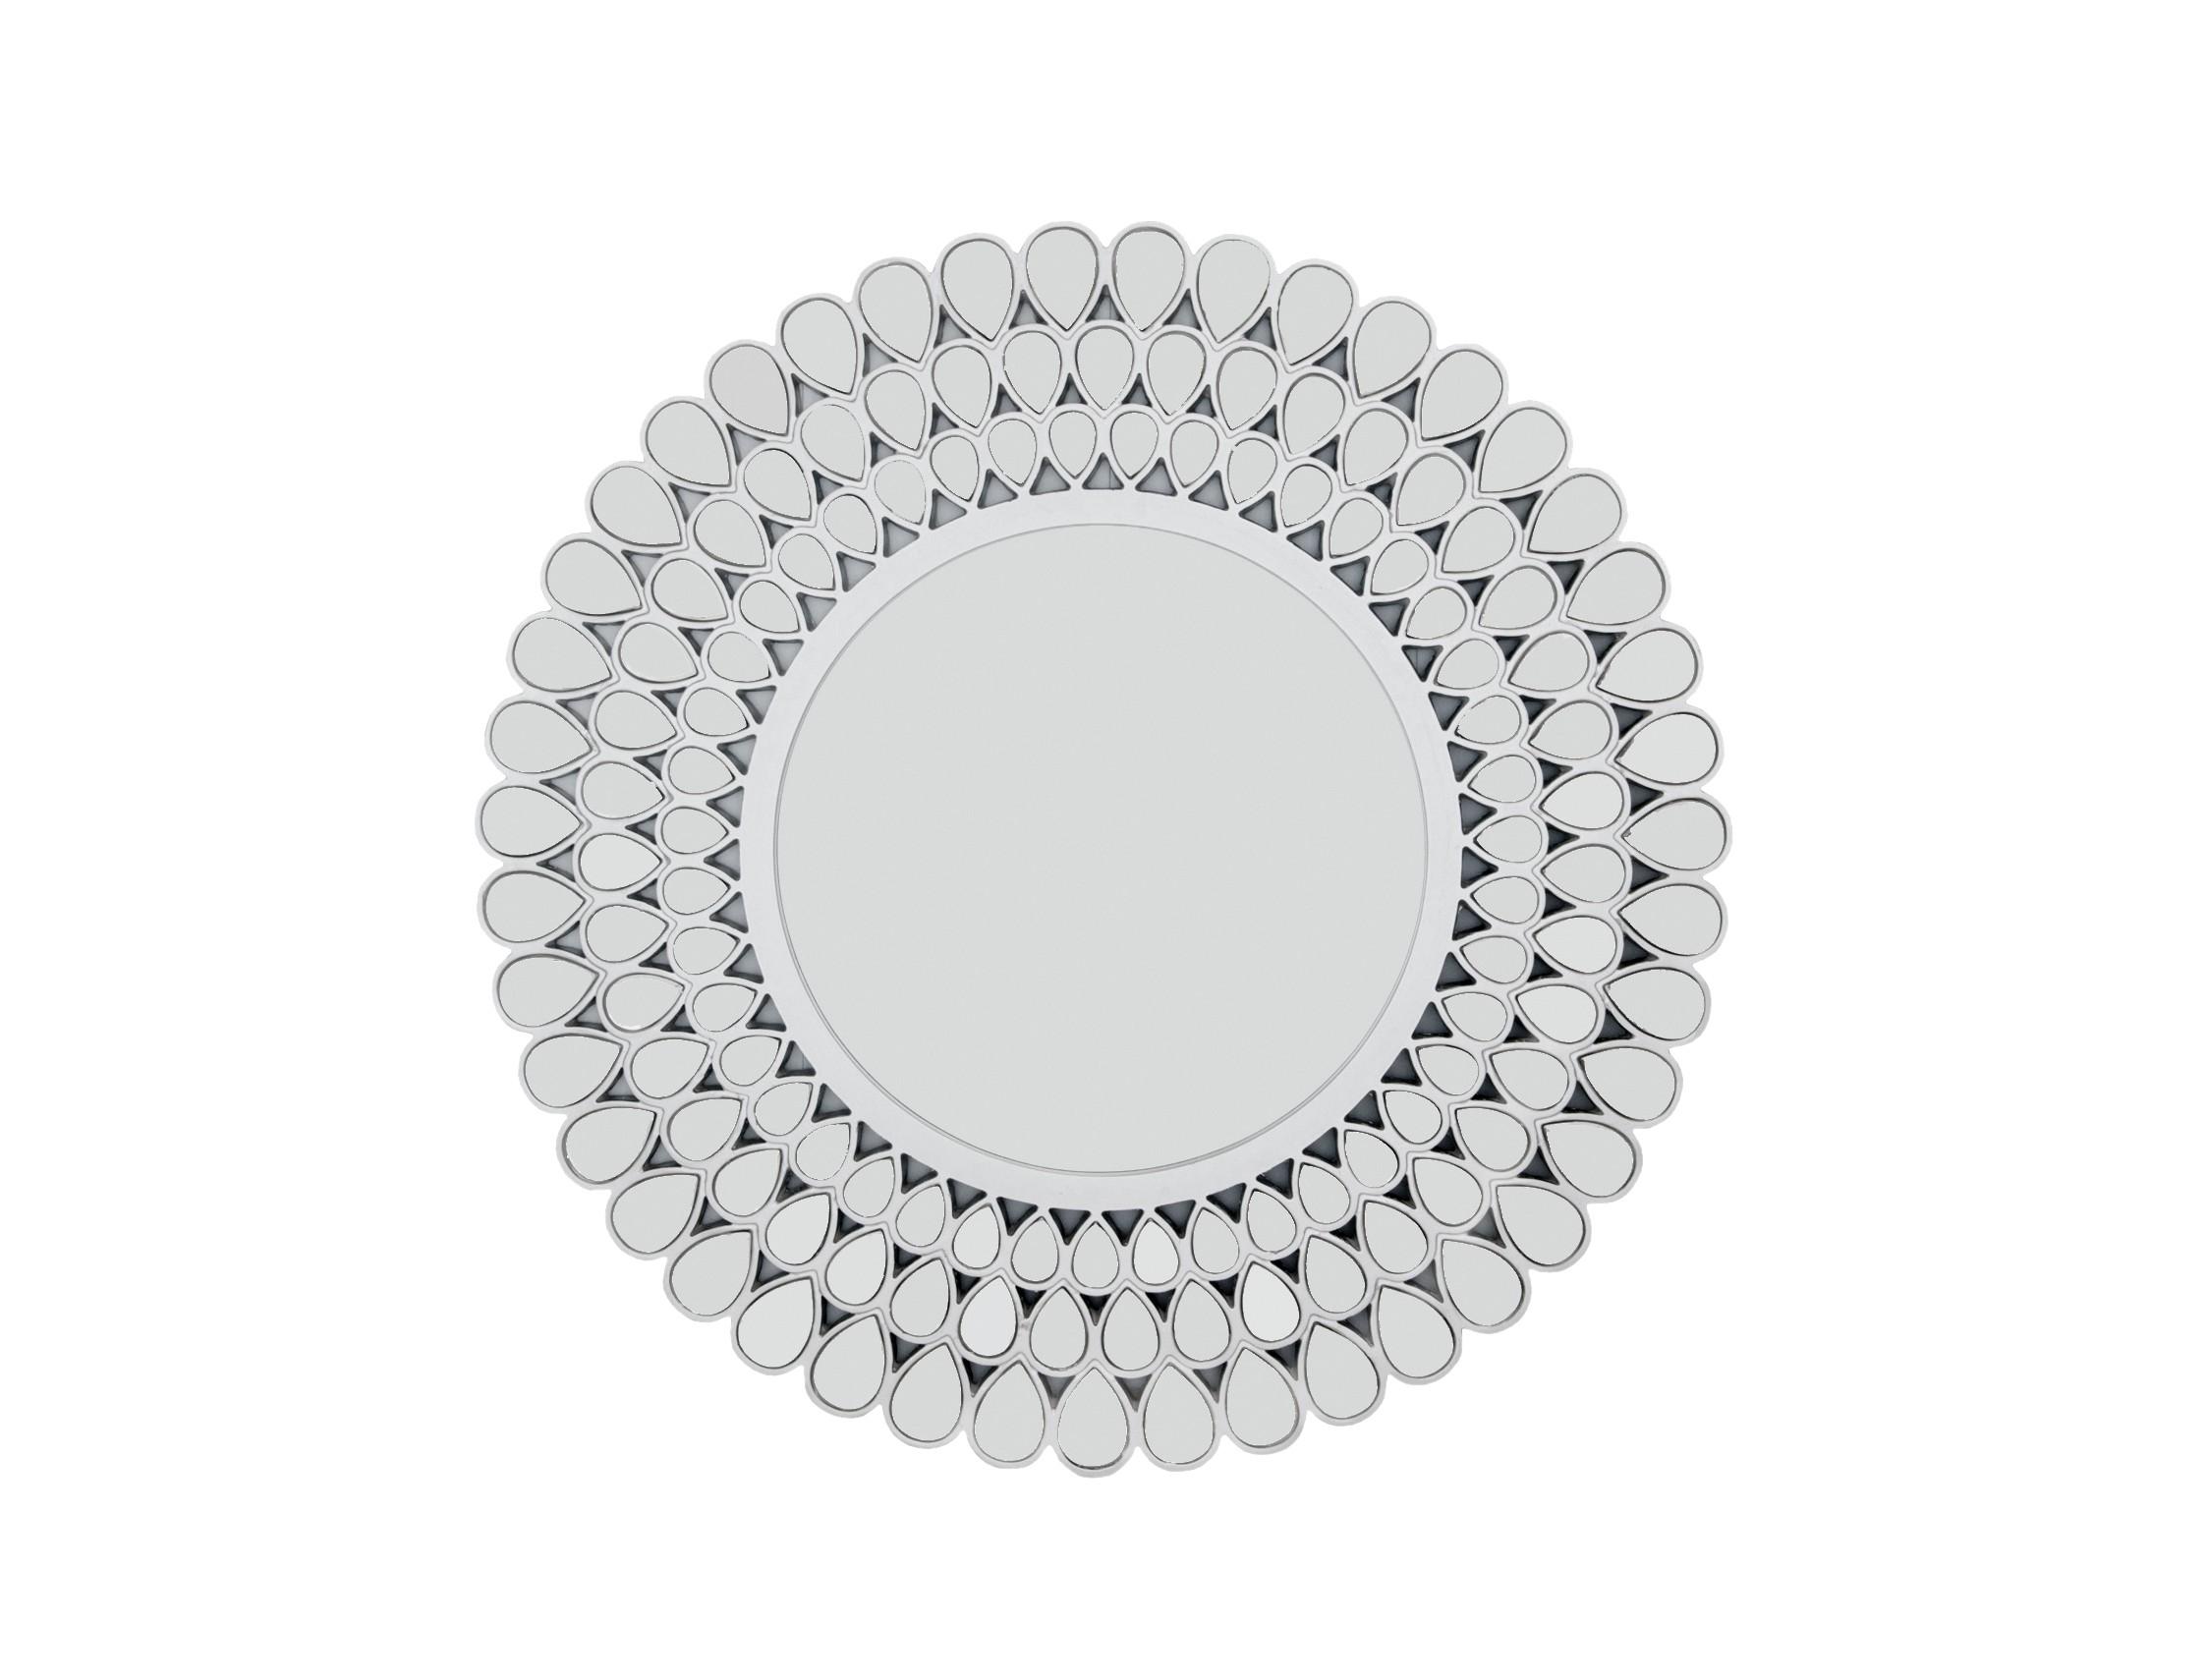 Настенное зеркало AlmontНастенные зеркала<br>Материалы: МДФ, полирезин, стекло<br><br>Material: МДФ<br>Depth см: 2,5<br>Diameter см: 100